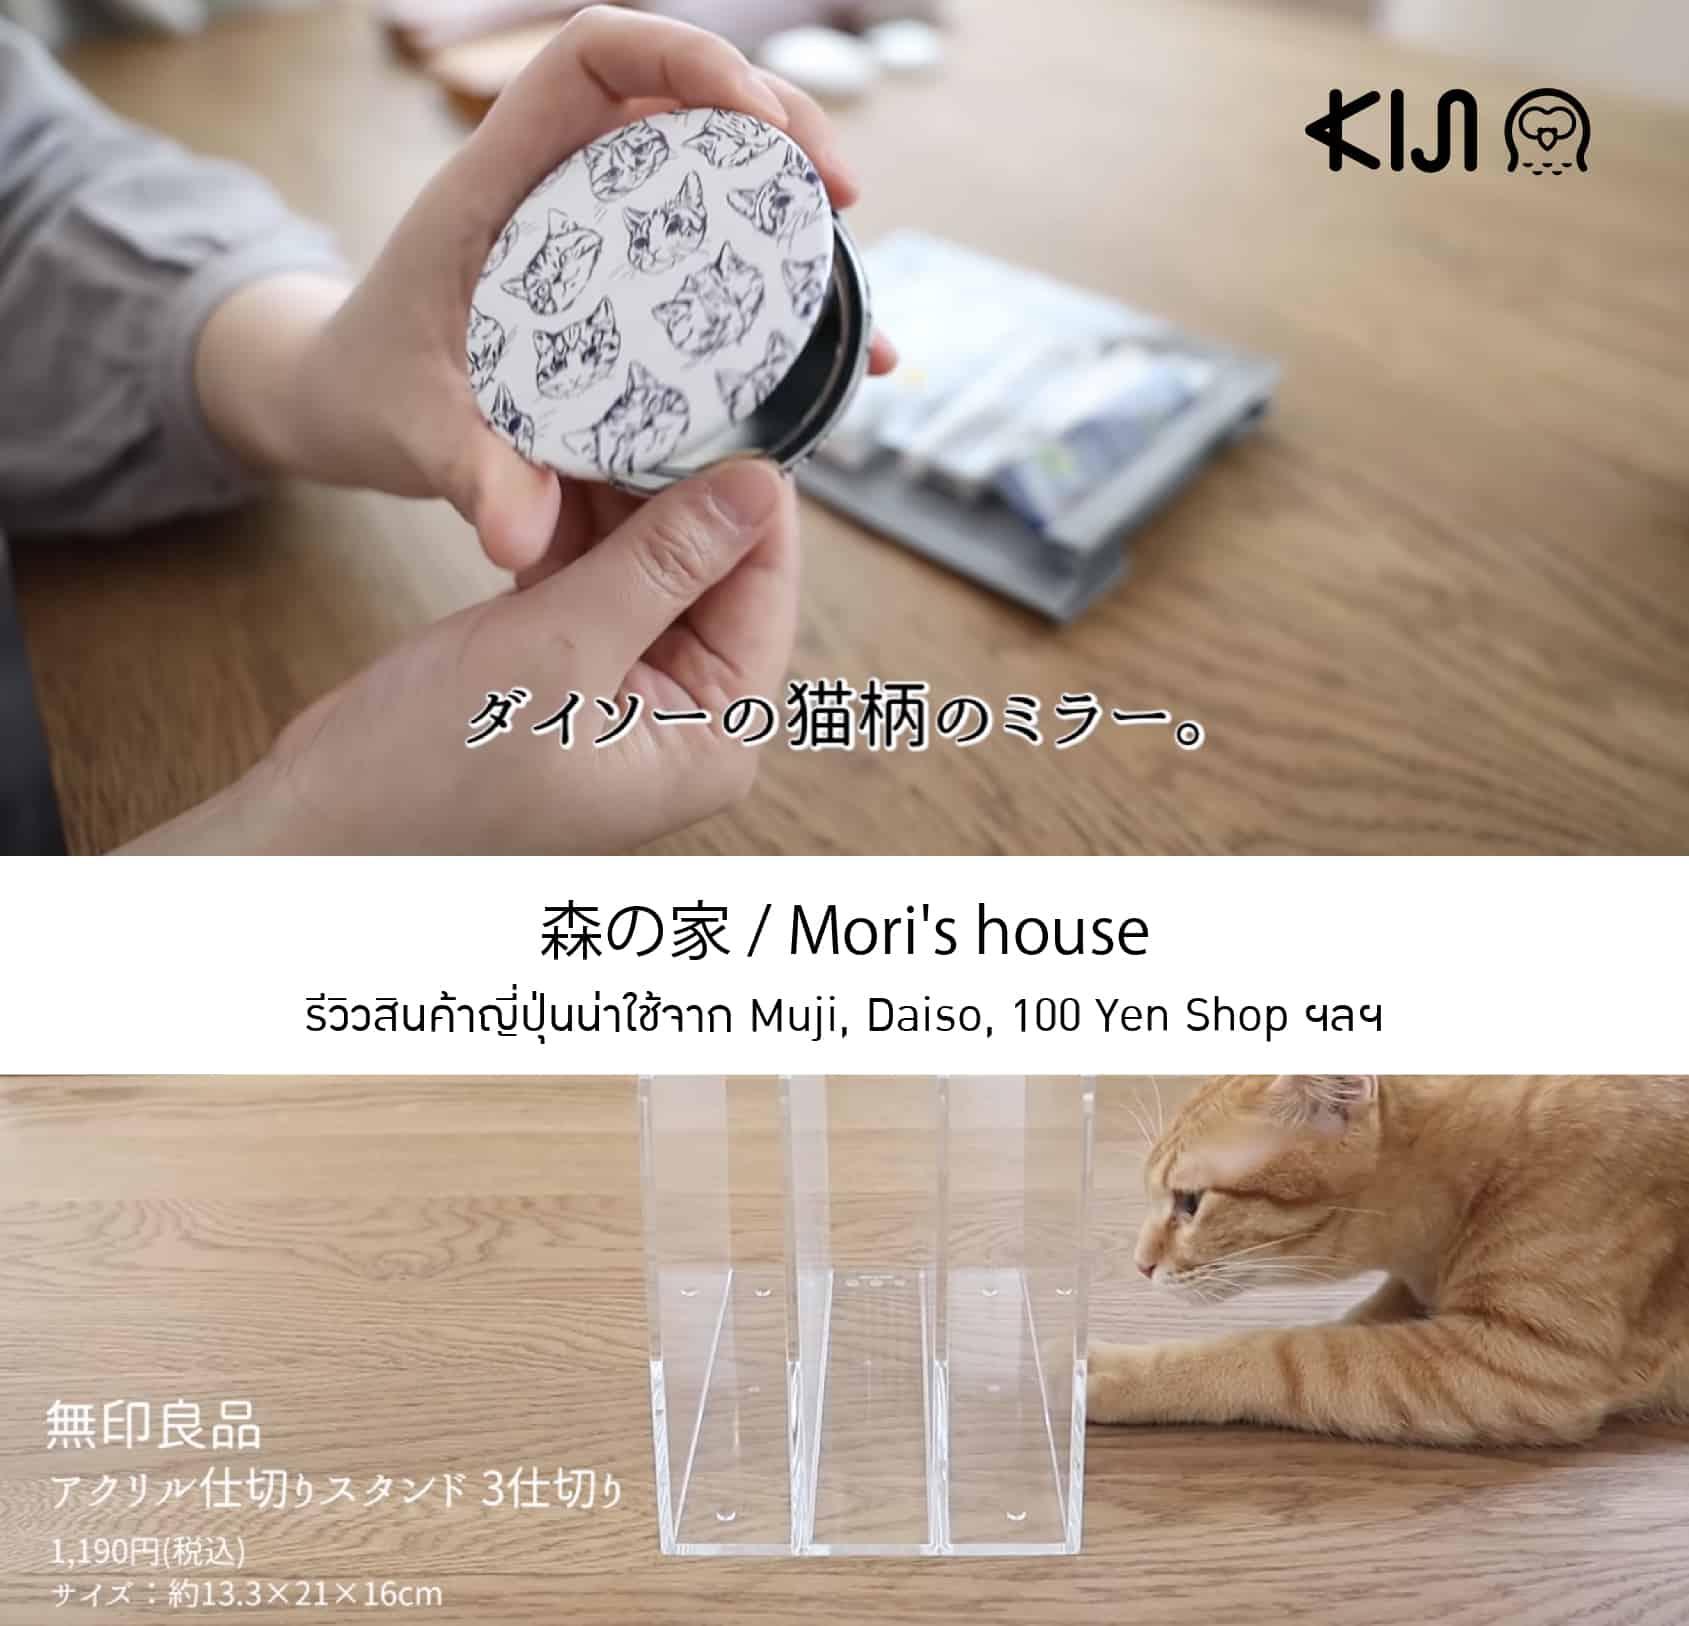 森の家 / Mori's house ยูทูปเบอร์ญี่ปุ่น ที่รีวิวสินค้าน่าใช้จาก Muji, Daiso, 100 Yen Shop ฯลฯ